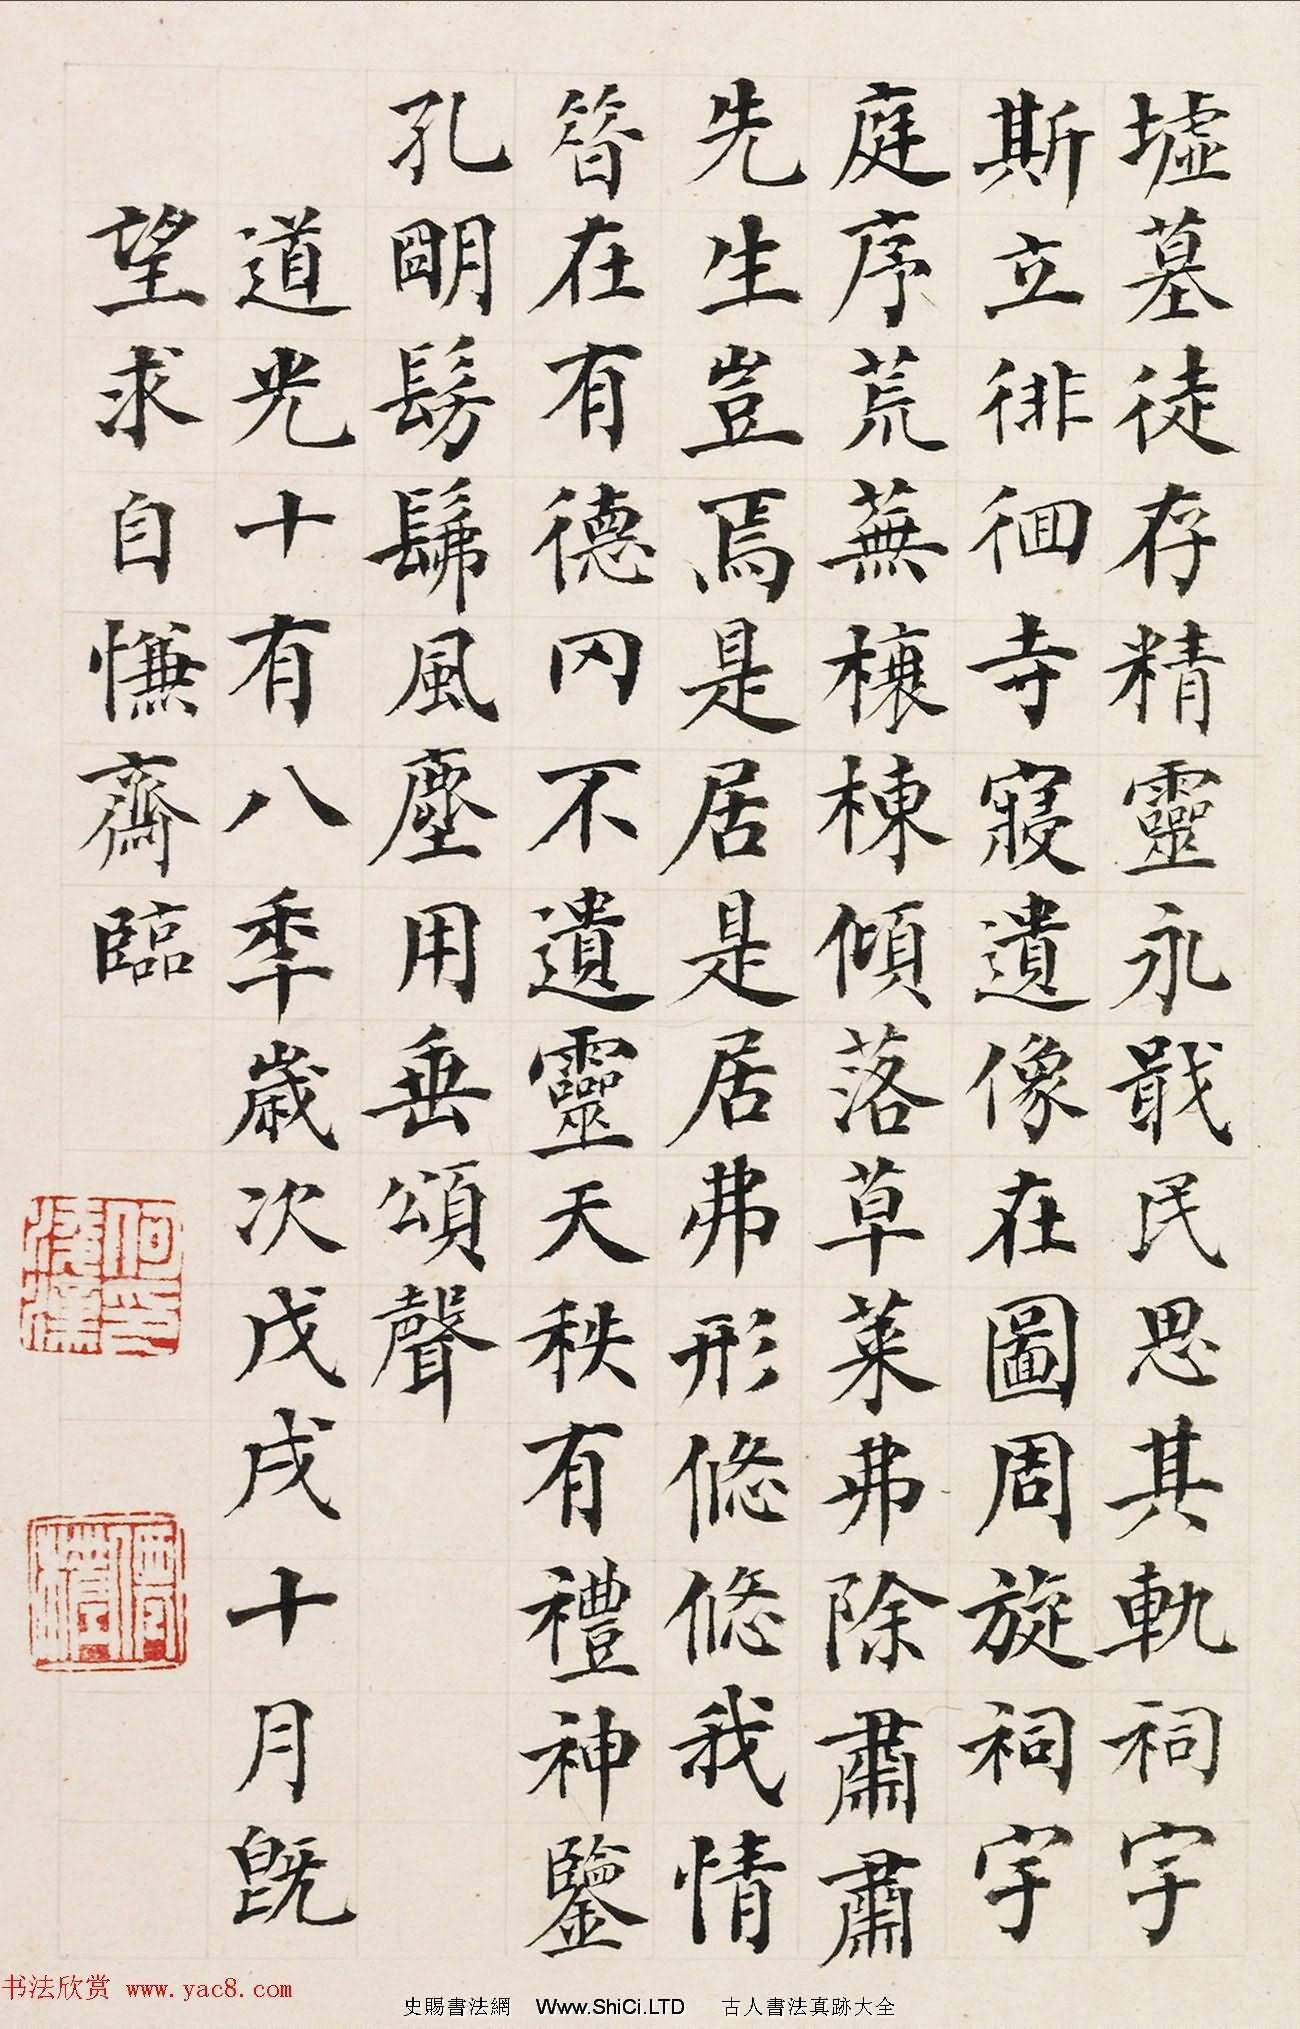 何紹基之父何凌漢書法冊頁《東方朔贊》